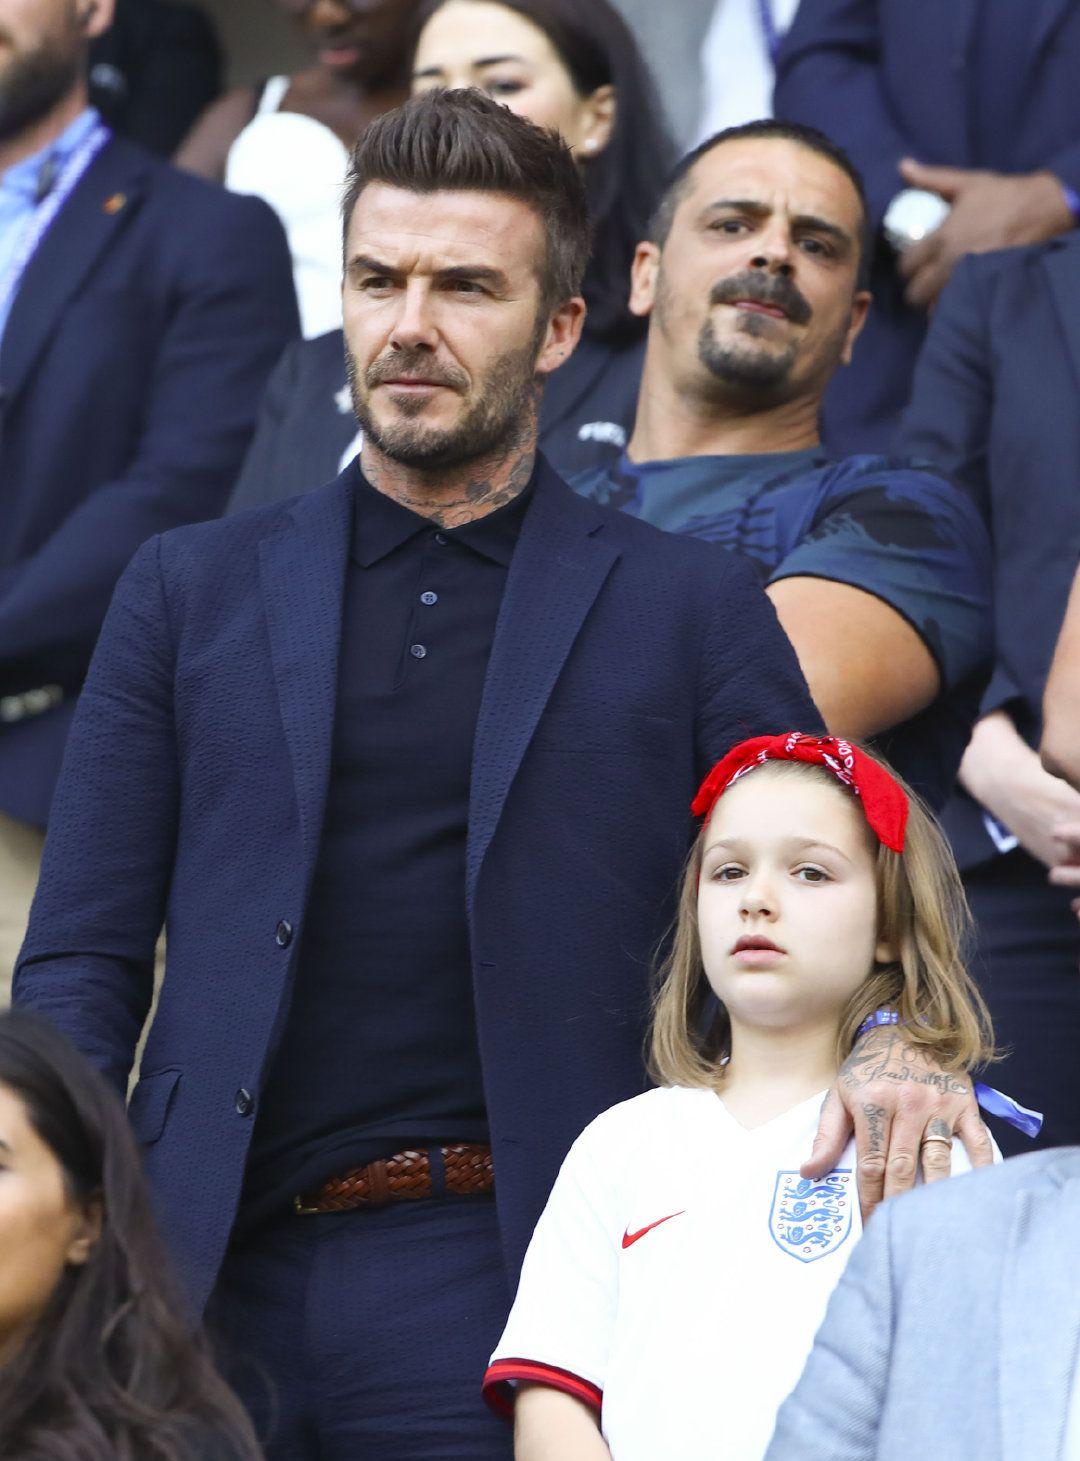 44岁贝克汉姆带小七看球,父女俩同款鼻子超可爱,系红头巾更出彩